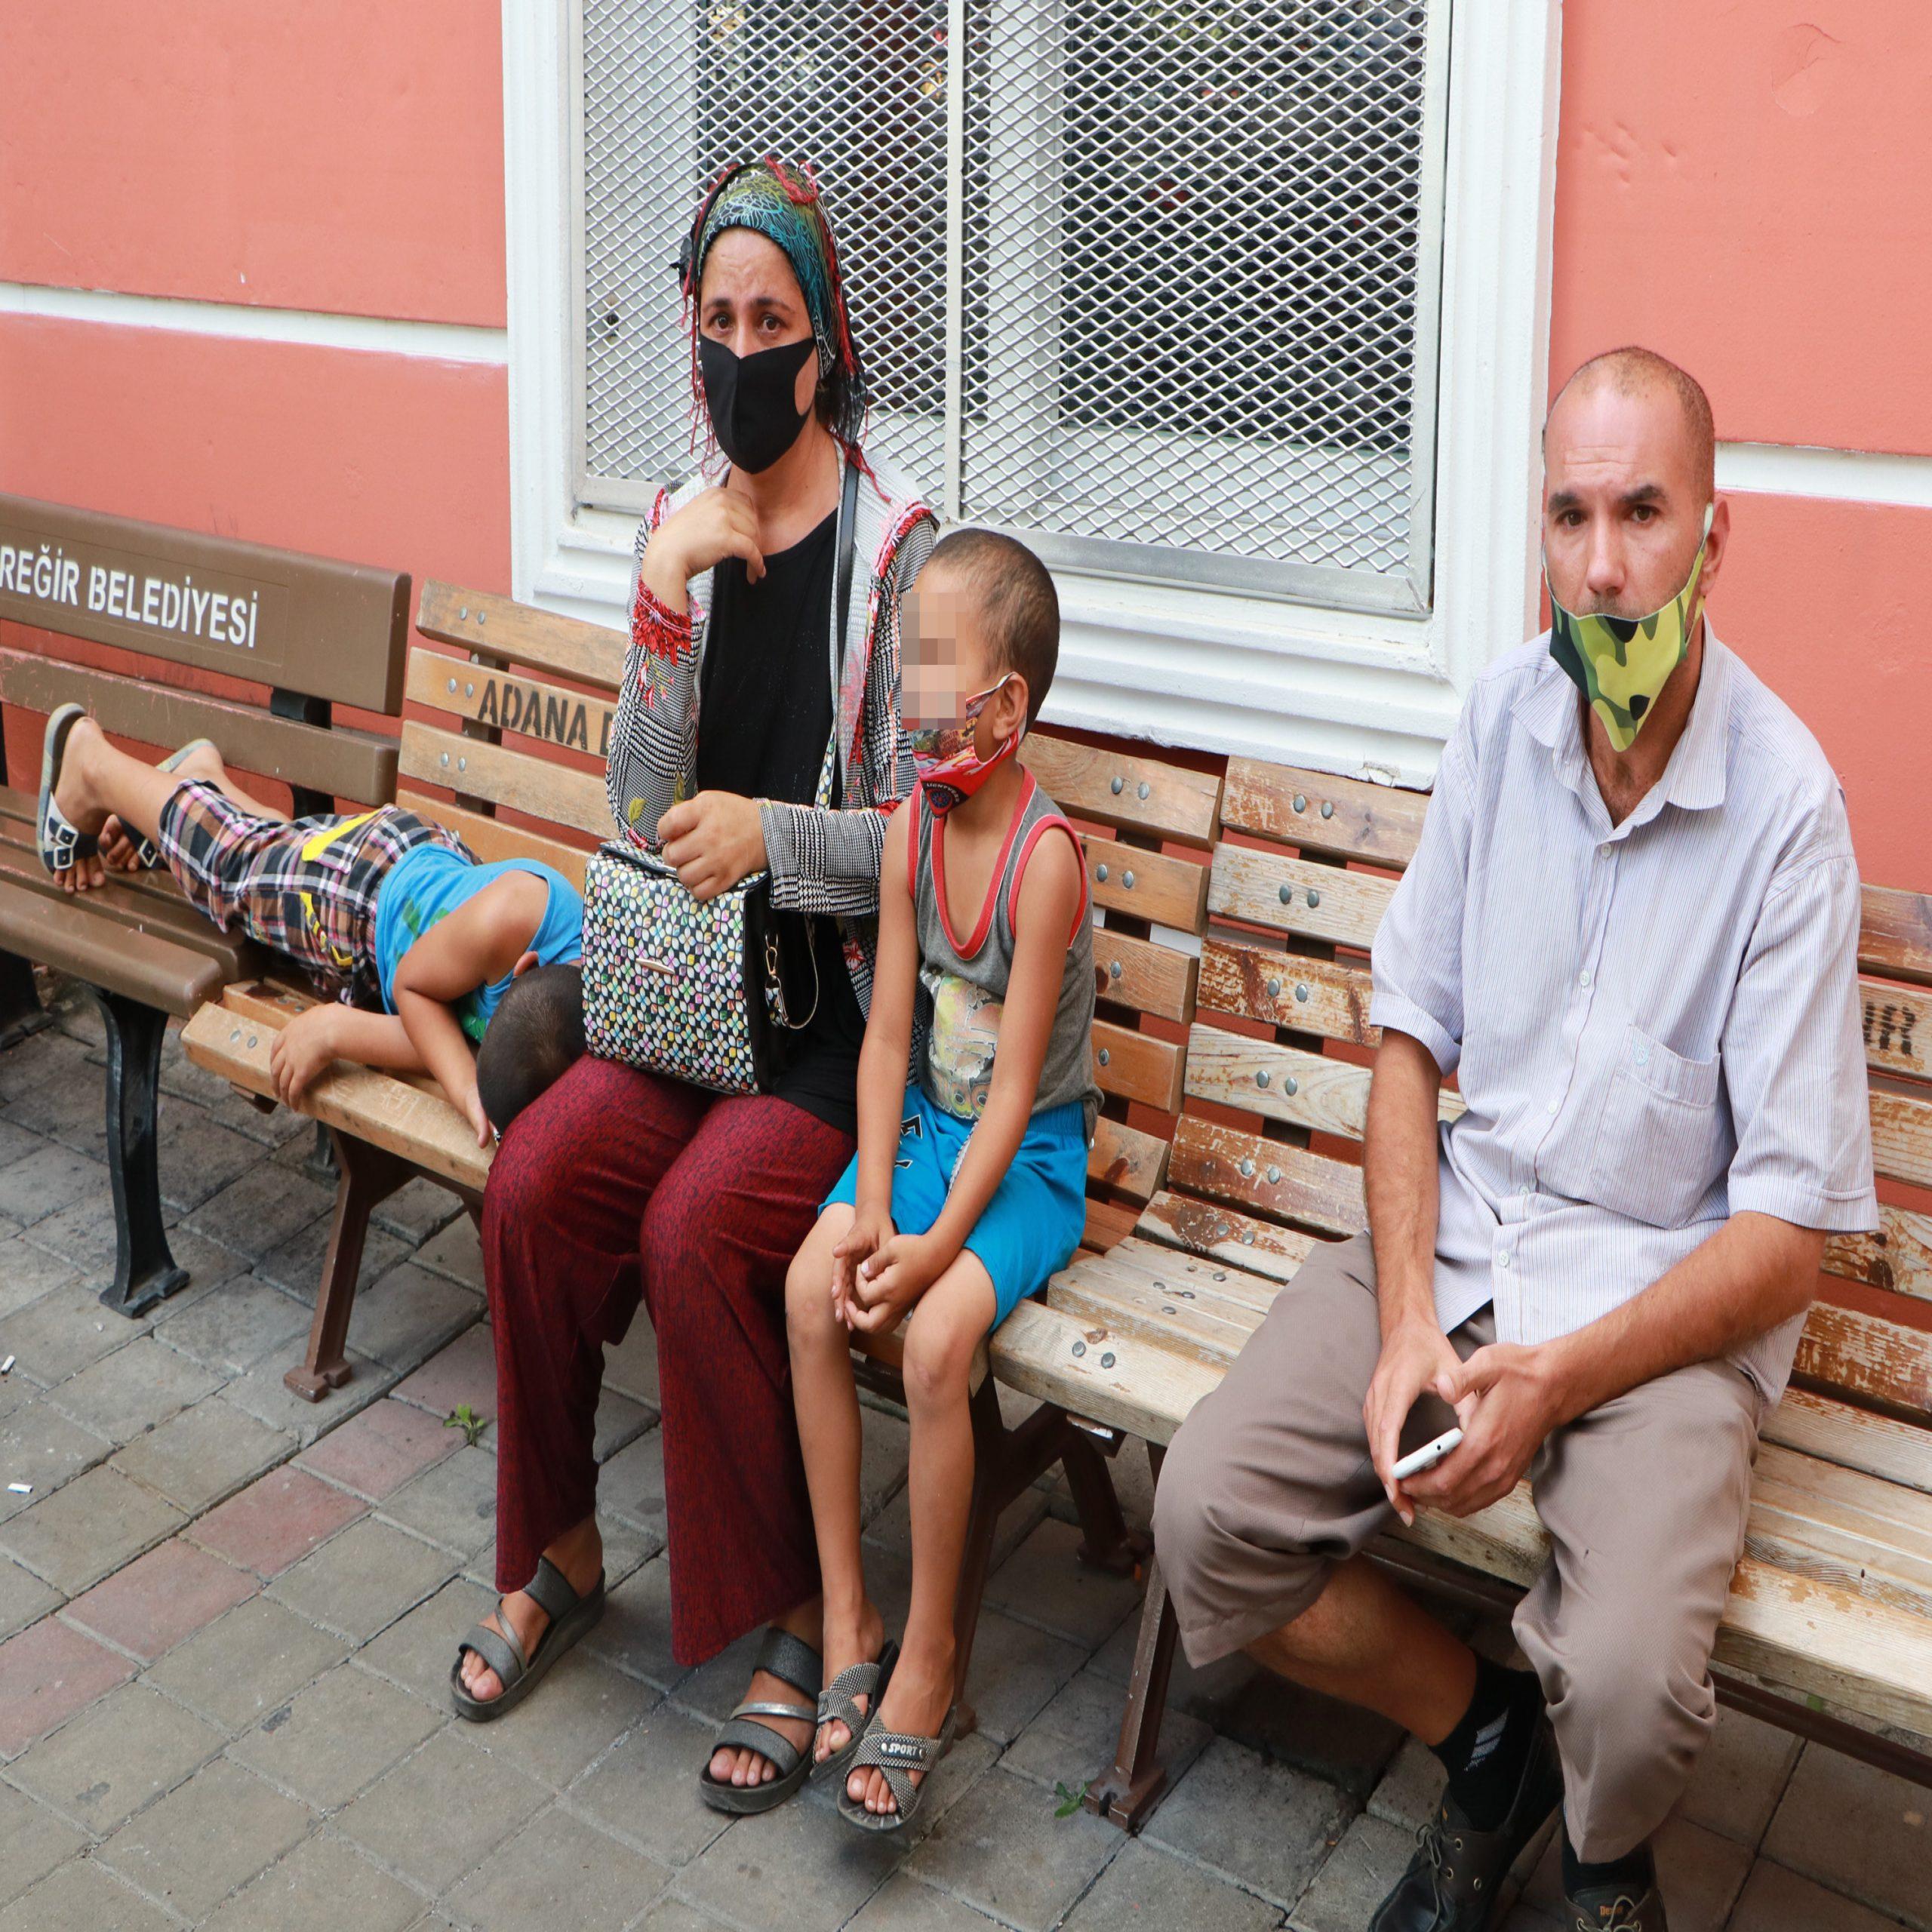 القاء القبض على شخصين قاما باختطاف الأطفال وتعذيبهما